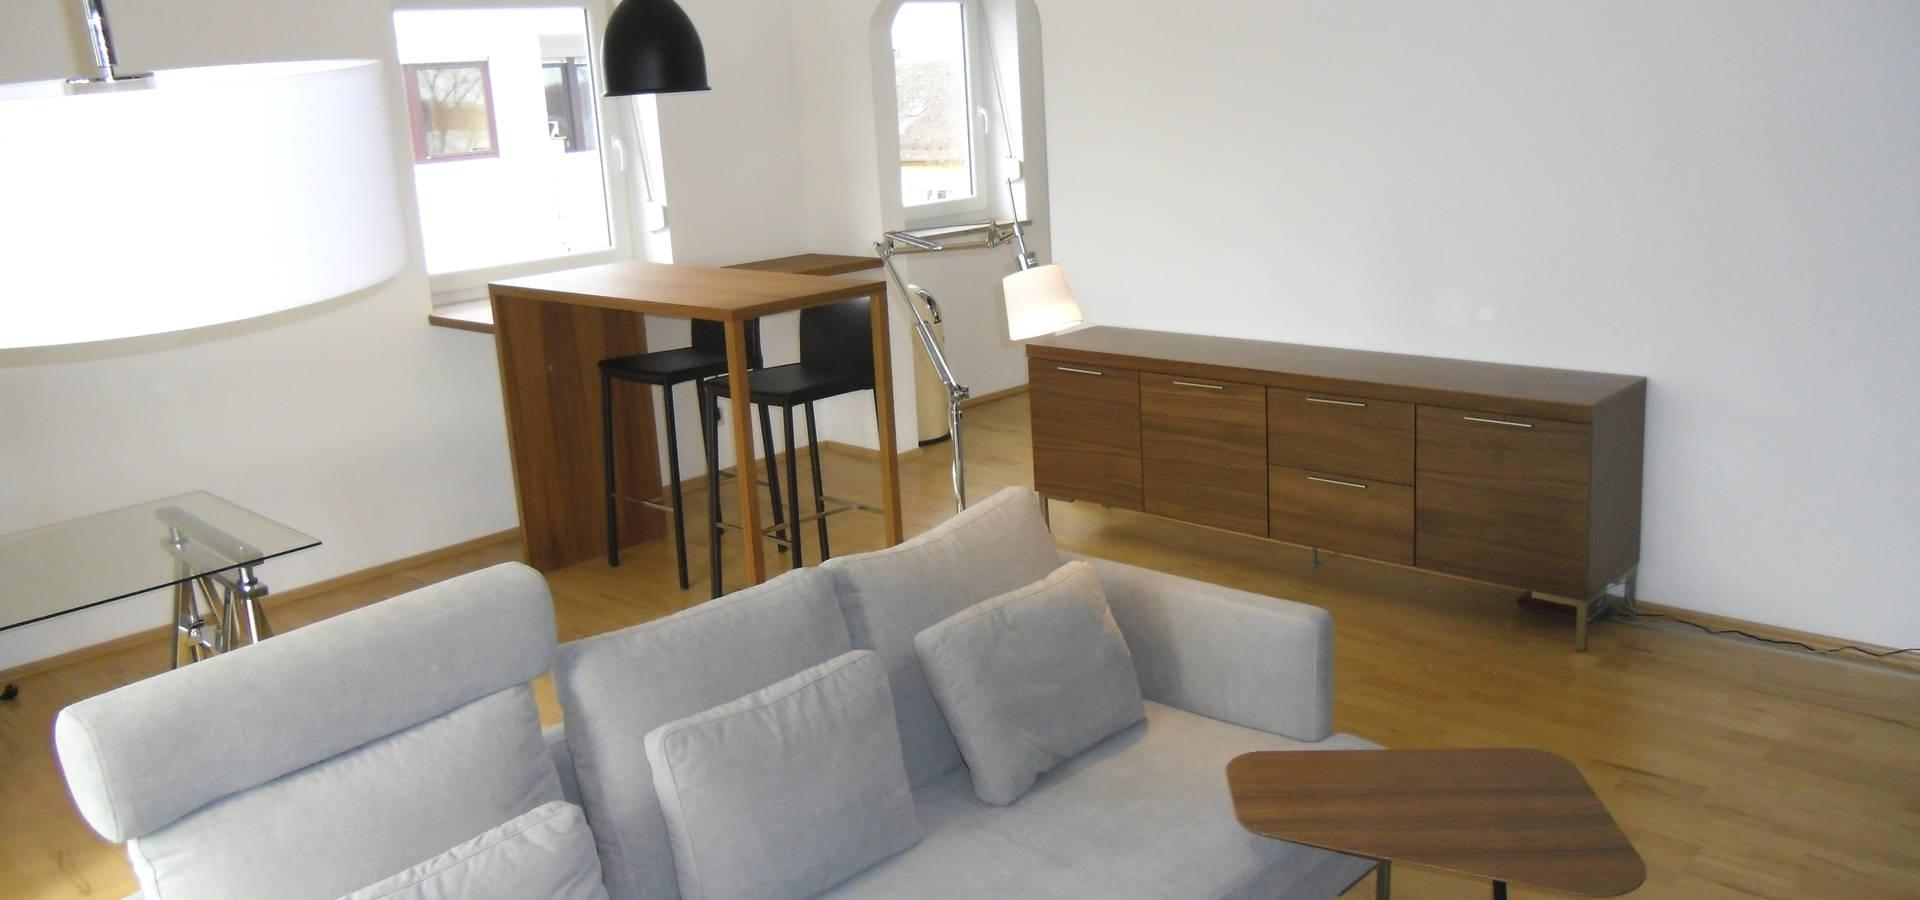 badezimmer auf kleinstem raum de innenarchitektur moll homify. Black Bedroom Furniture Sets. Home Design Ideas